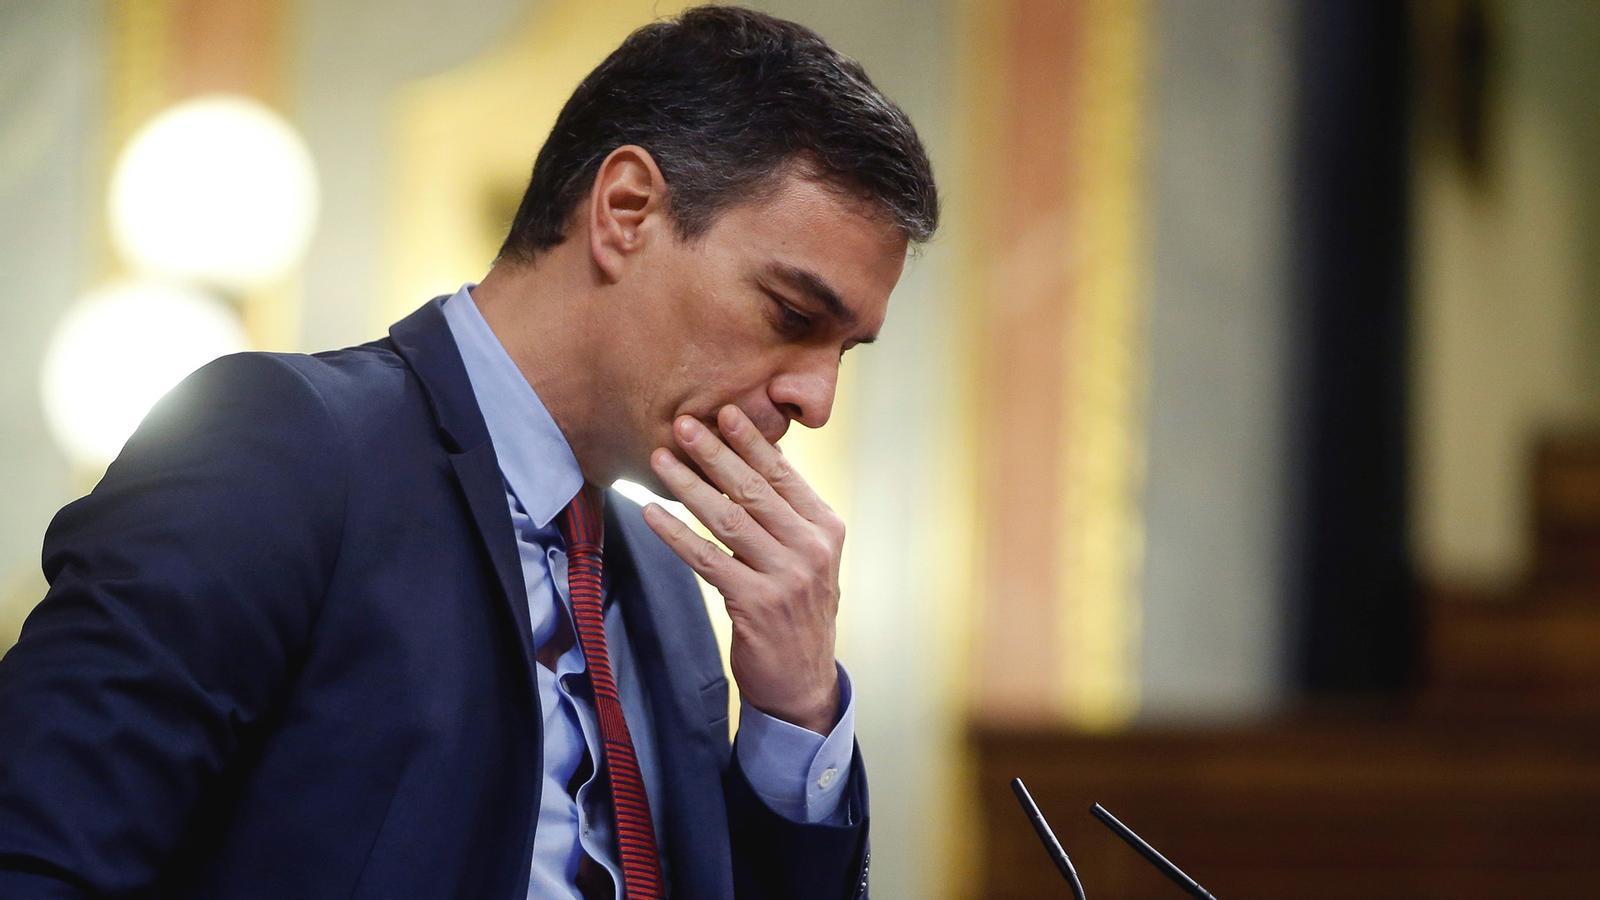 El govern espanyol amenaça amb el caos si no hi ha estat d'alarma i fluix retorn a l'activitat comercial: les claus del dia, amb Antoni Bassas (05/05/2020)